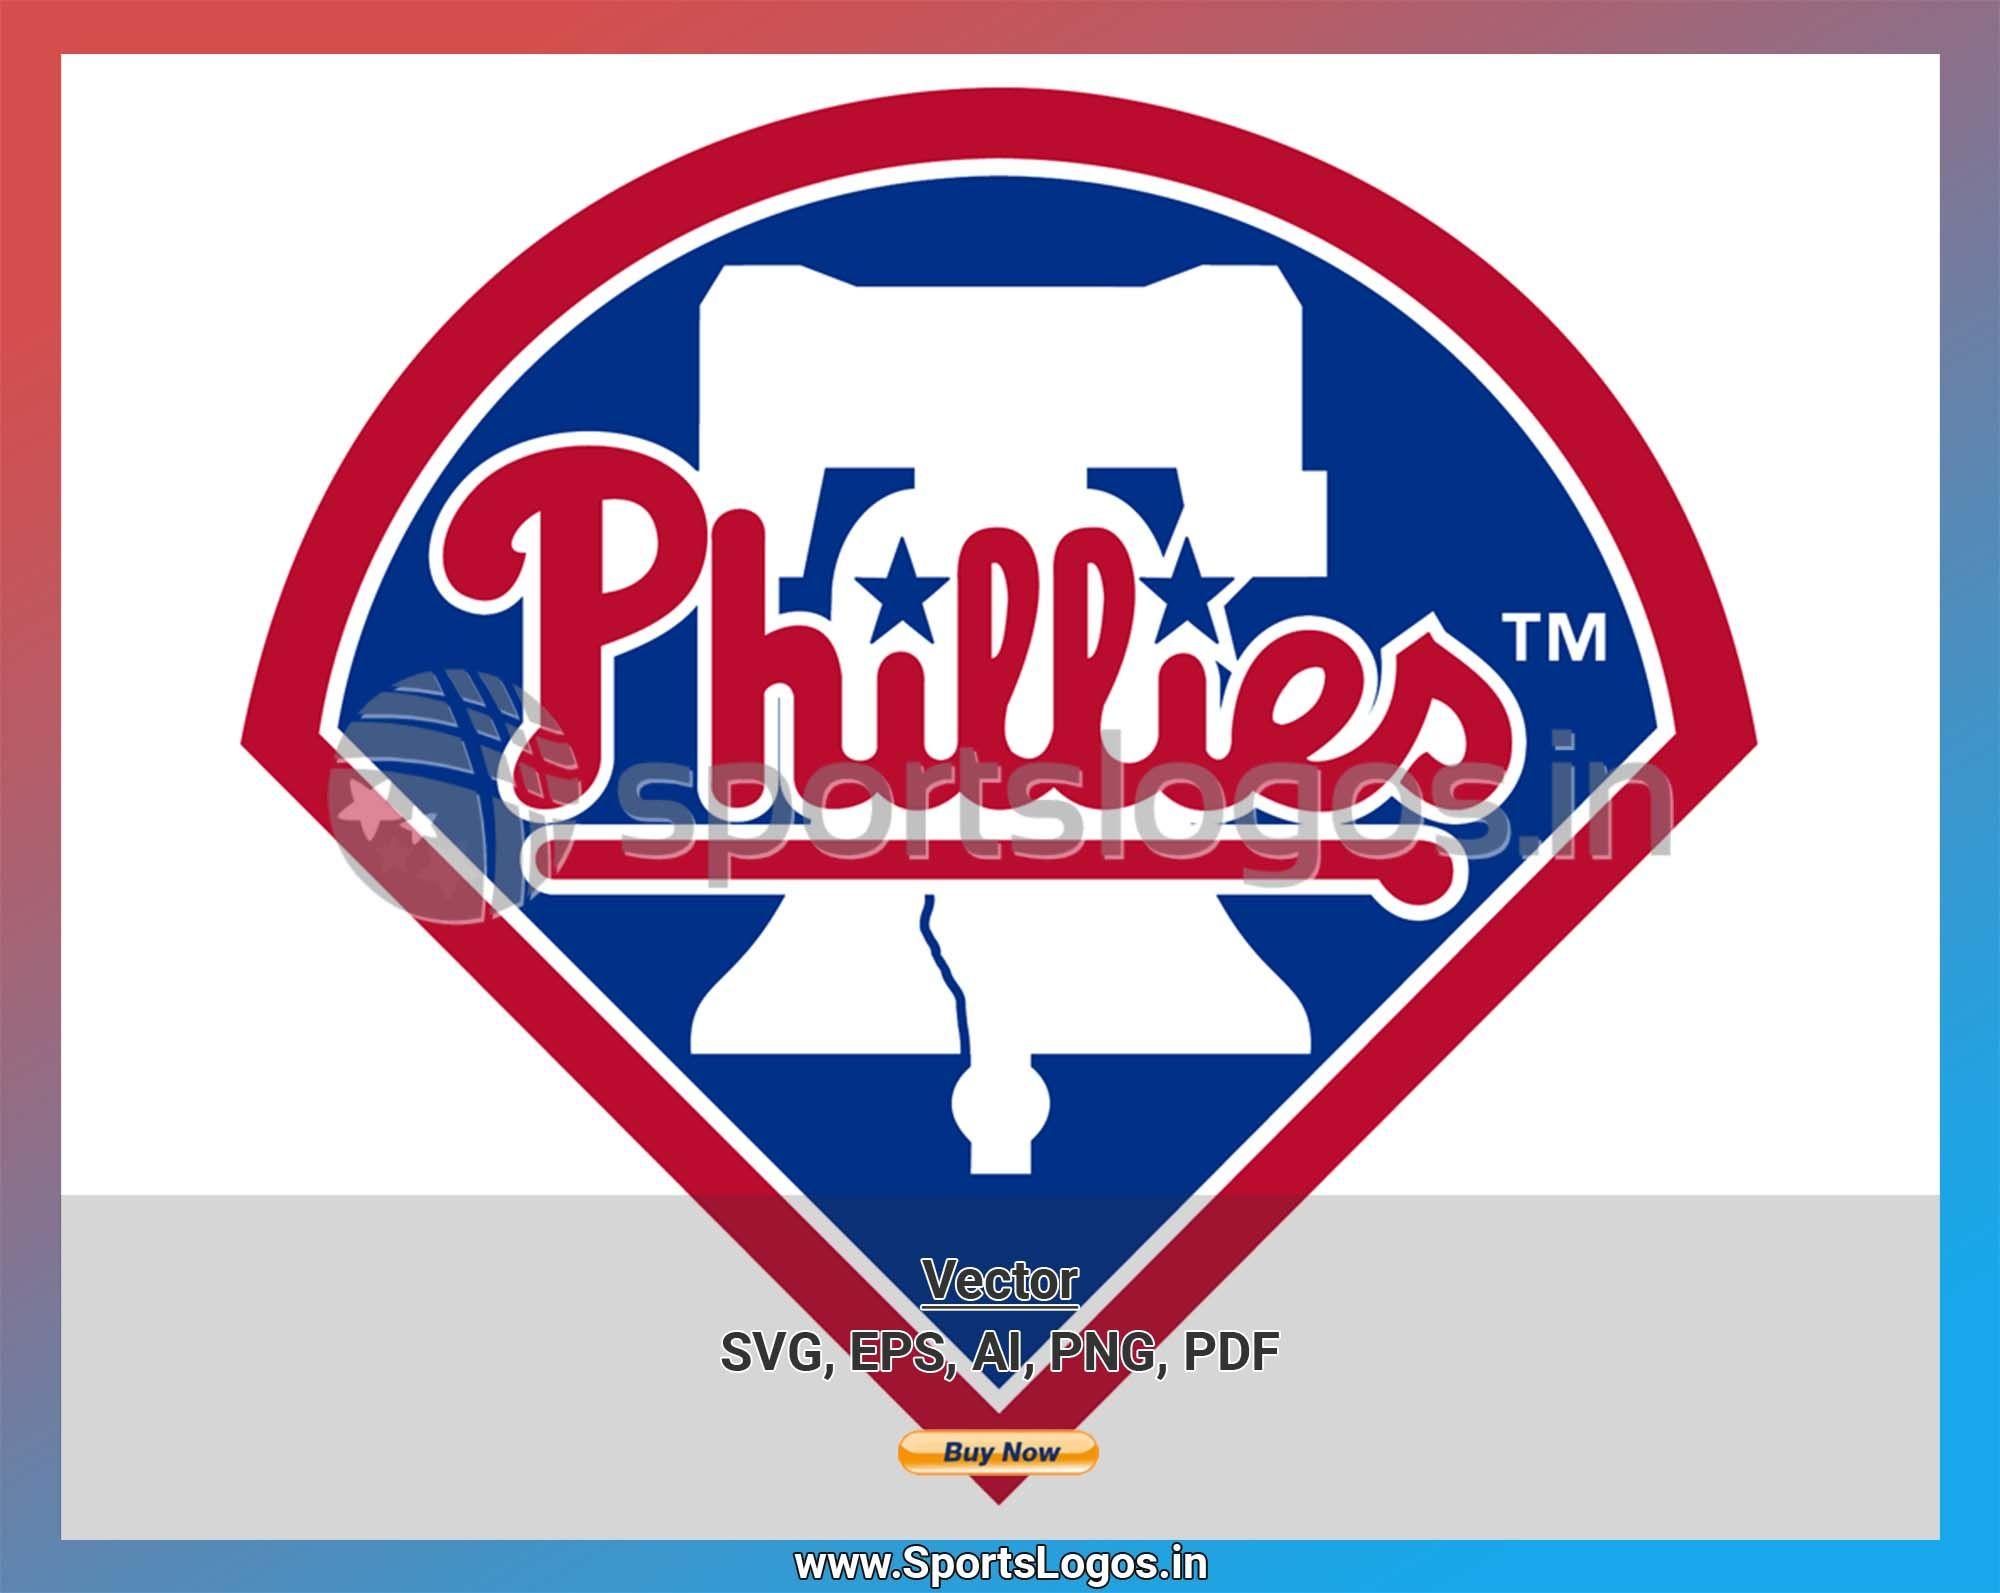 Philadelphia Phillies Baseball Sports Vector Svg Logo In 5 Formats Spln003399 In 2020 Philadelphia Phillies Baseball Philadelphia Phillies Logo Phillies Baseball